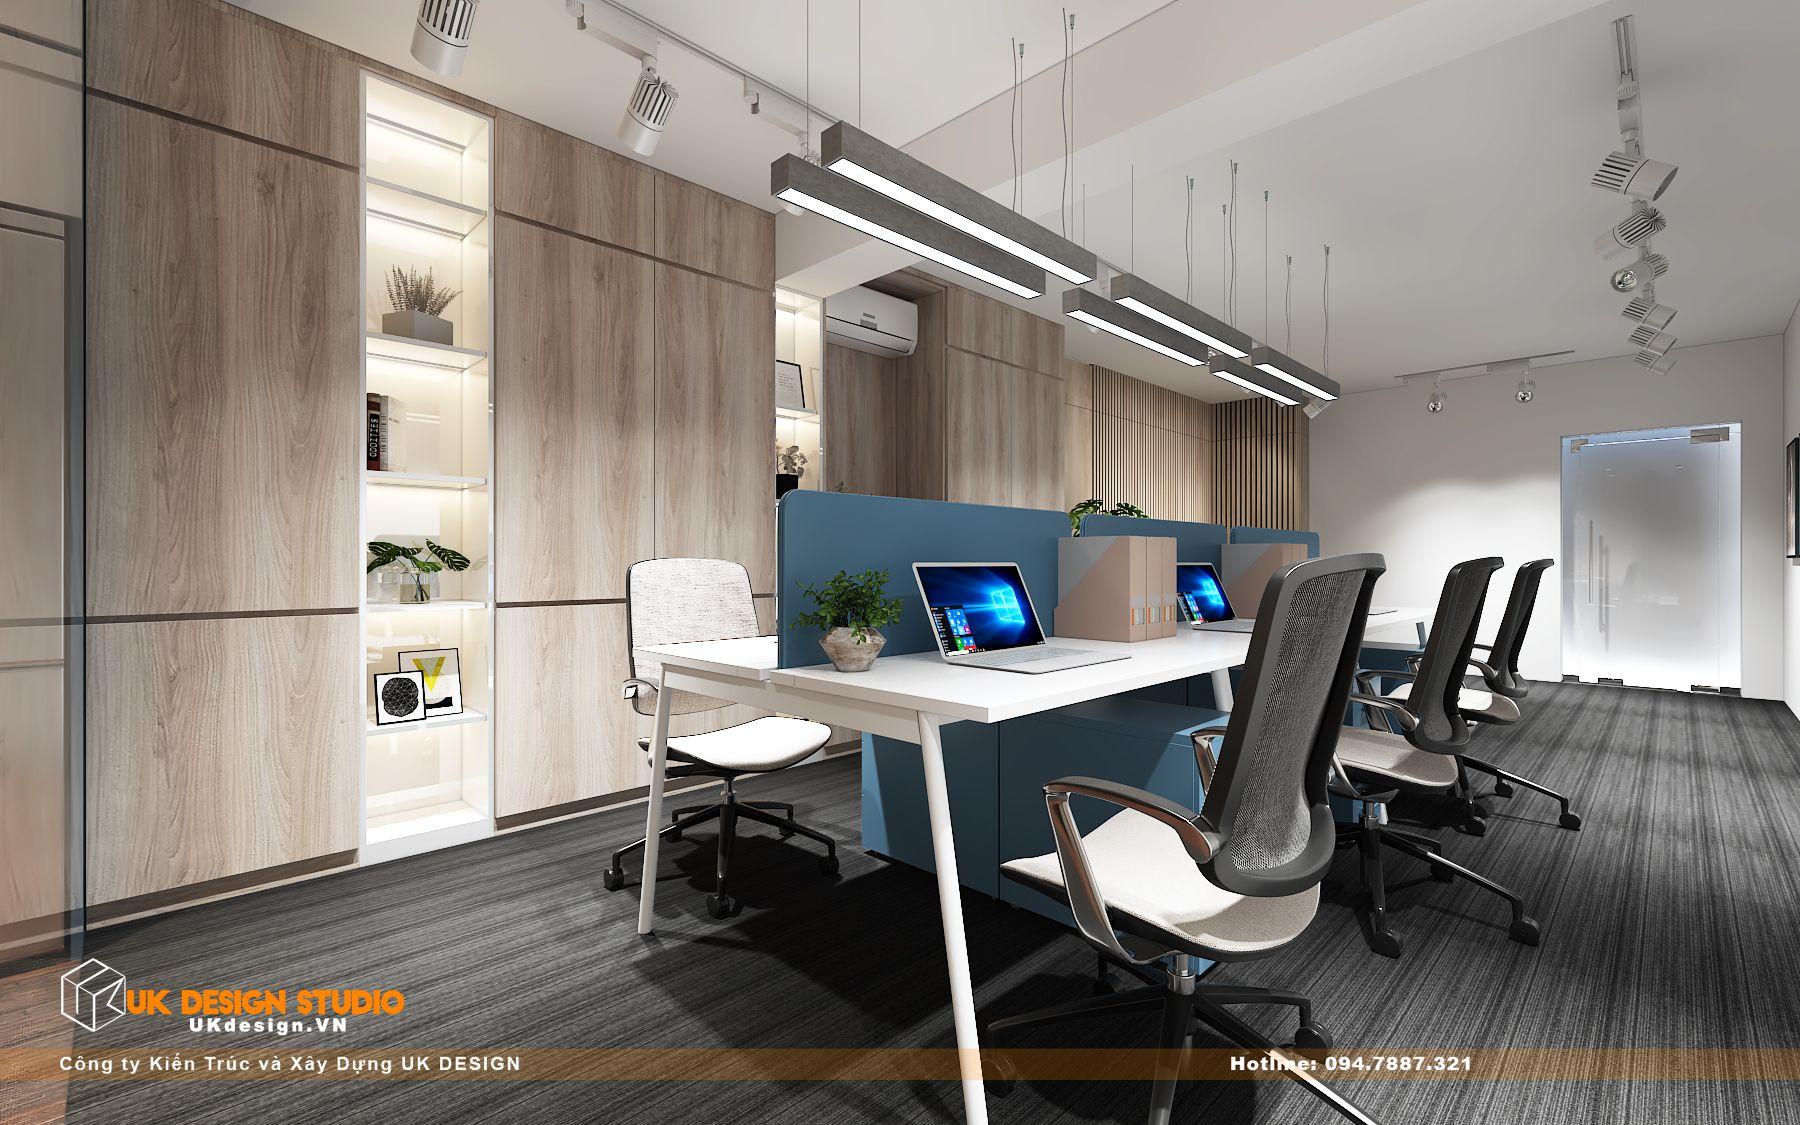 Thiết kế văn phòng làm việc hiện đại 30m2 7